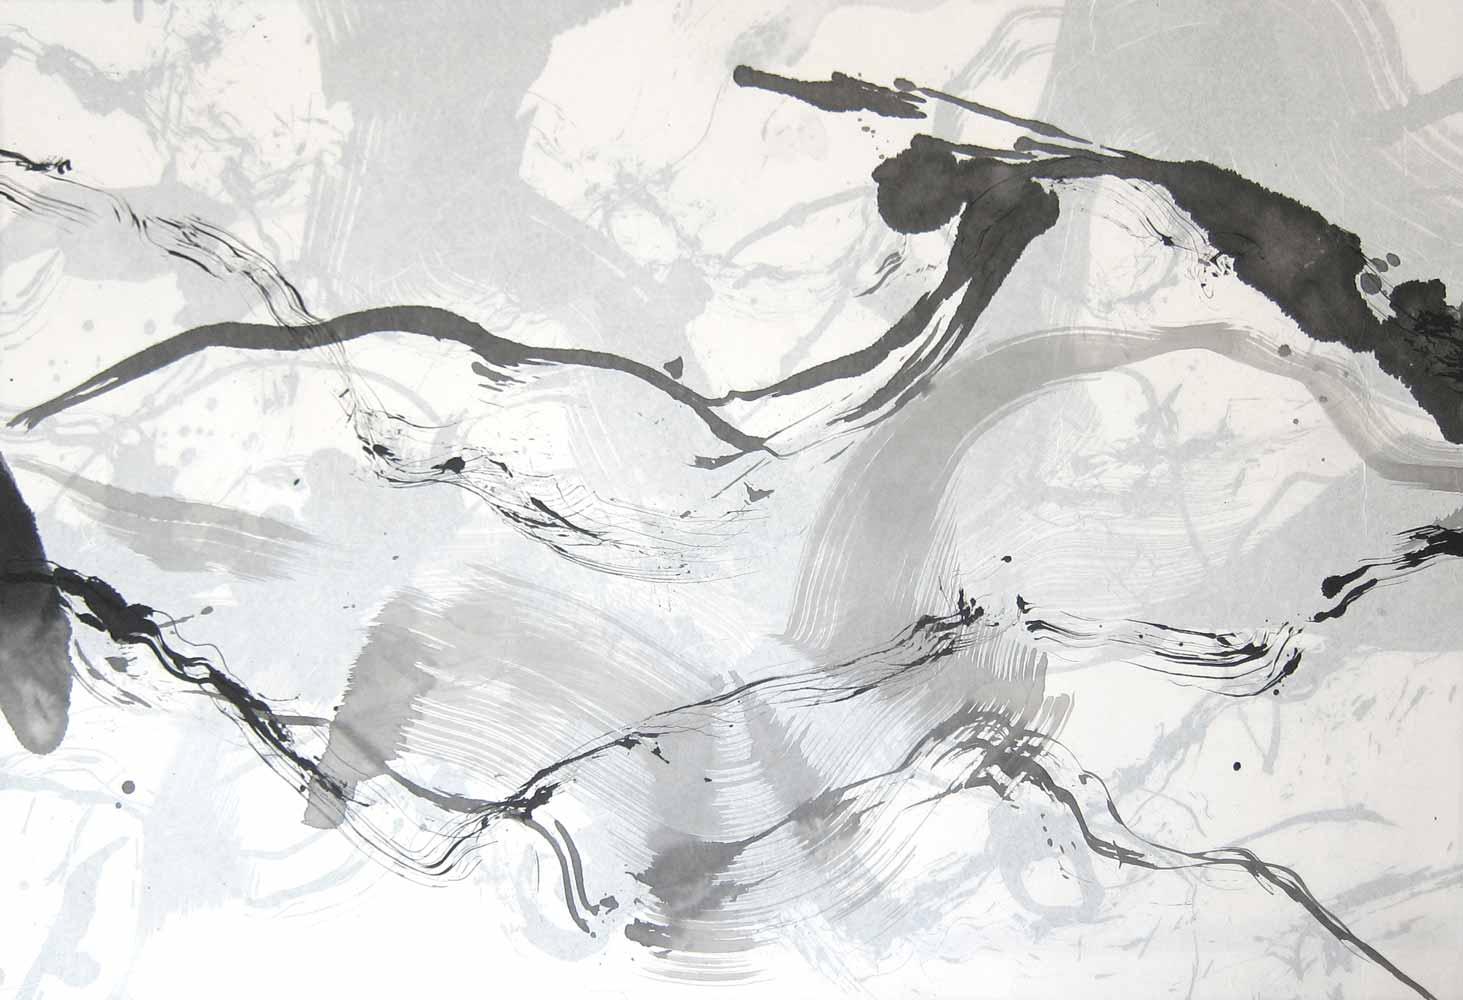 Encre de Chine, lavis et graphite sur papier de soie marouflé sur papier de soie, réversible, 65 x 95 cm, 20 avr. 18  - © Annik Reymond